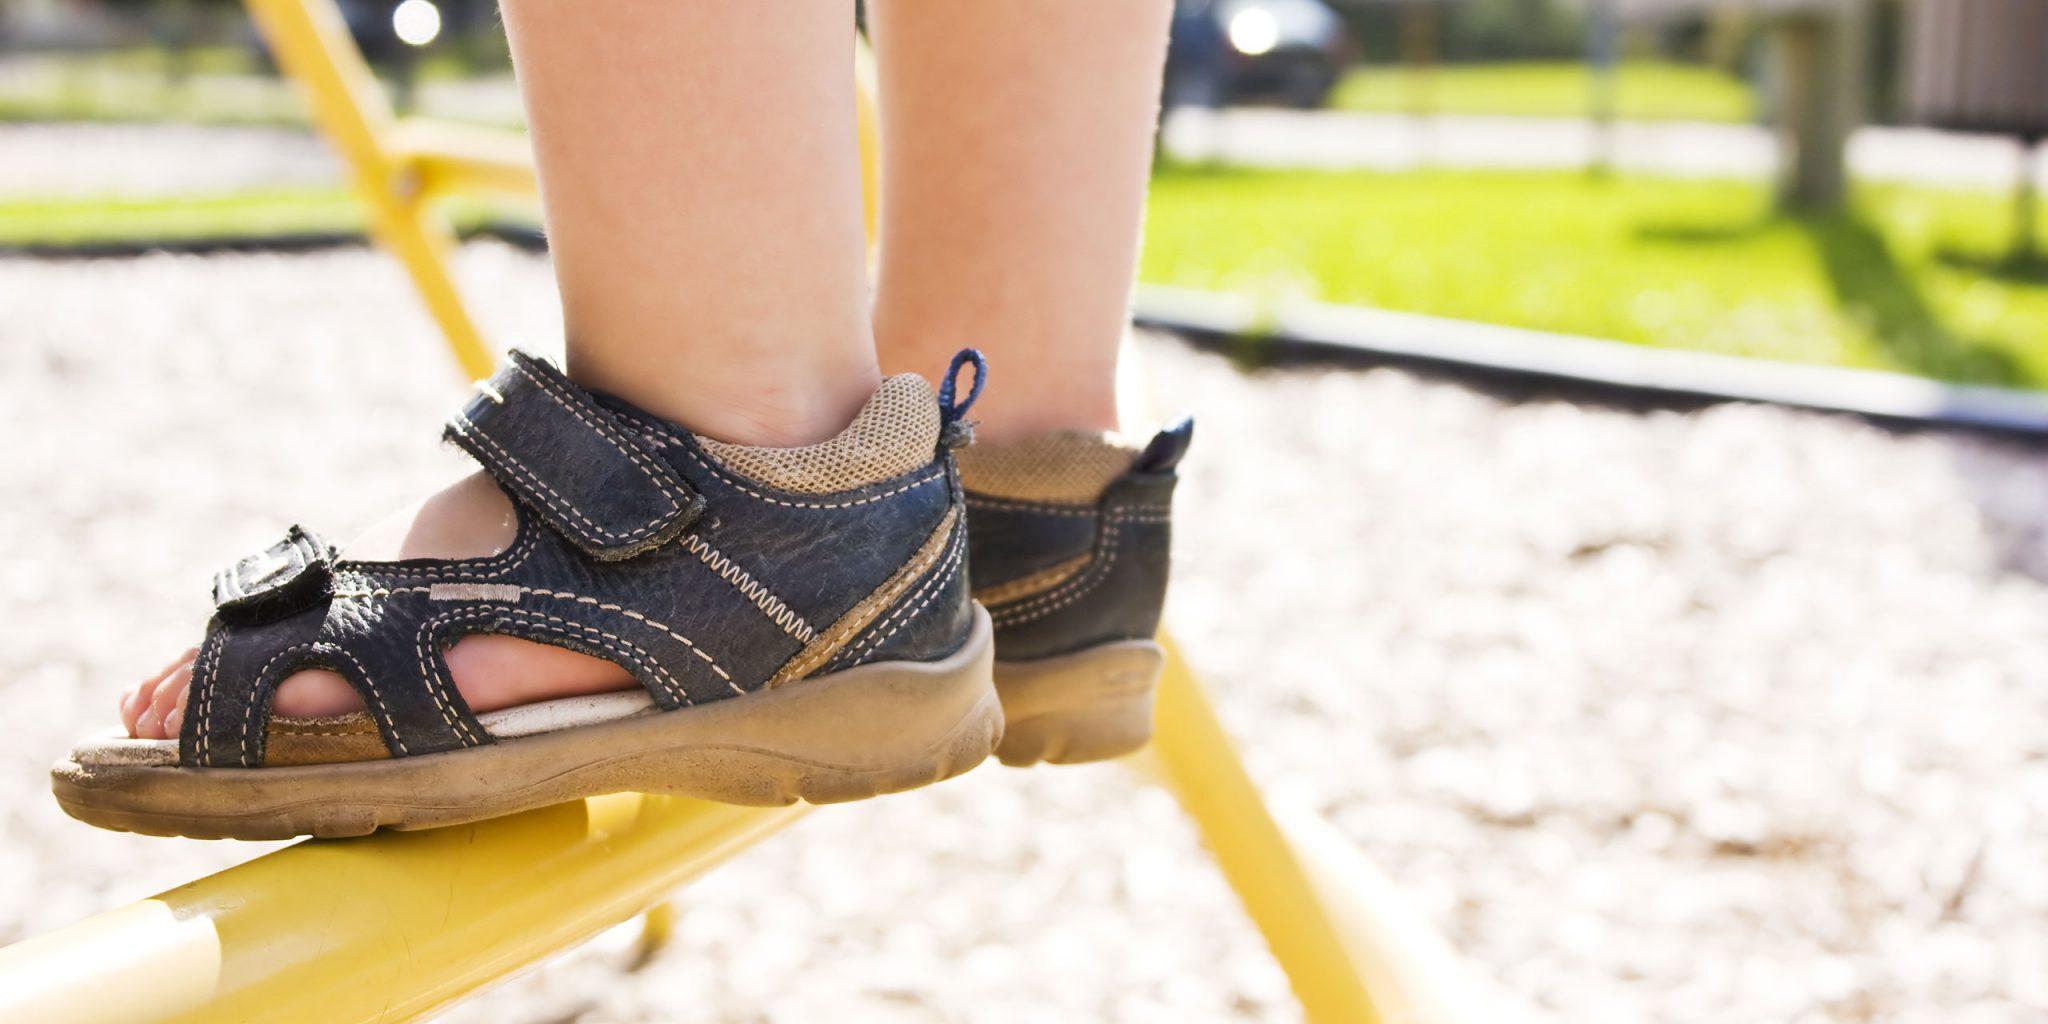 e0c32f275d2 Bästa sandalerna för barn 2019 - Var redo inför sommarens lek och spring •  Barnlandet